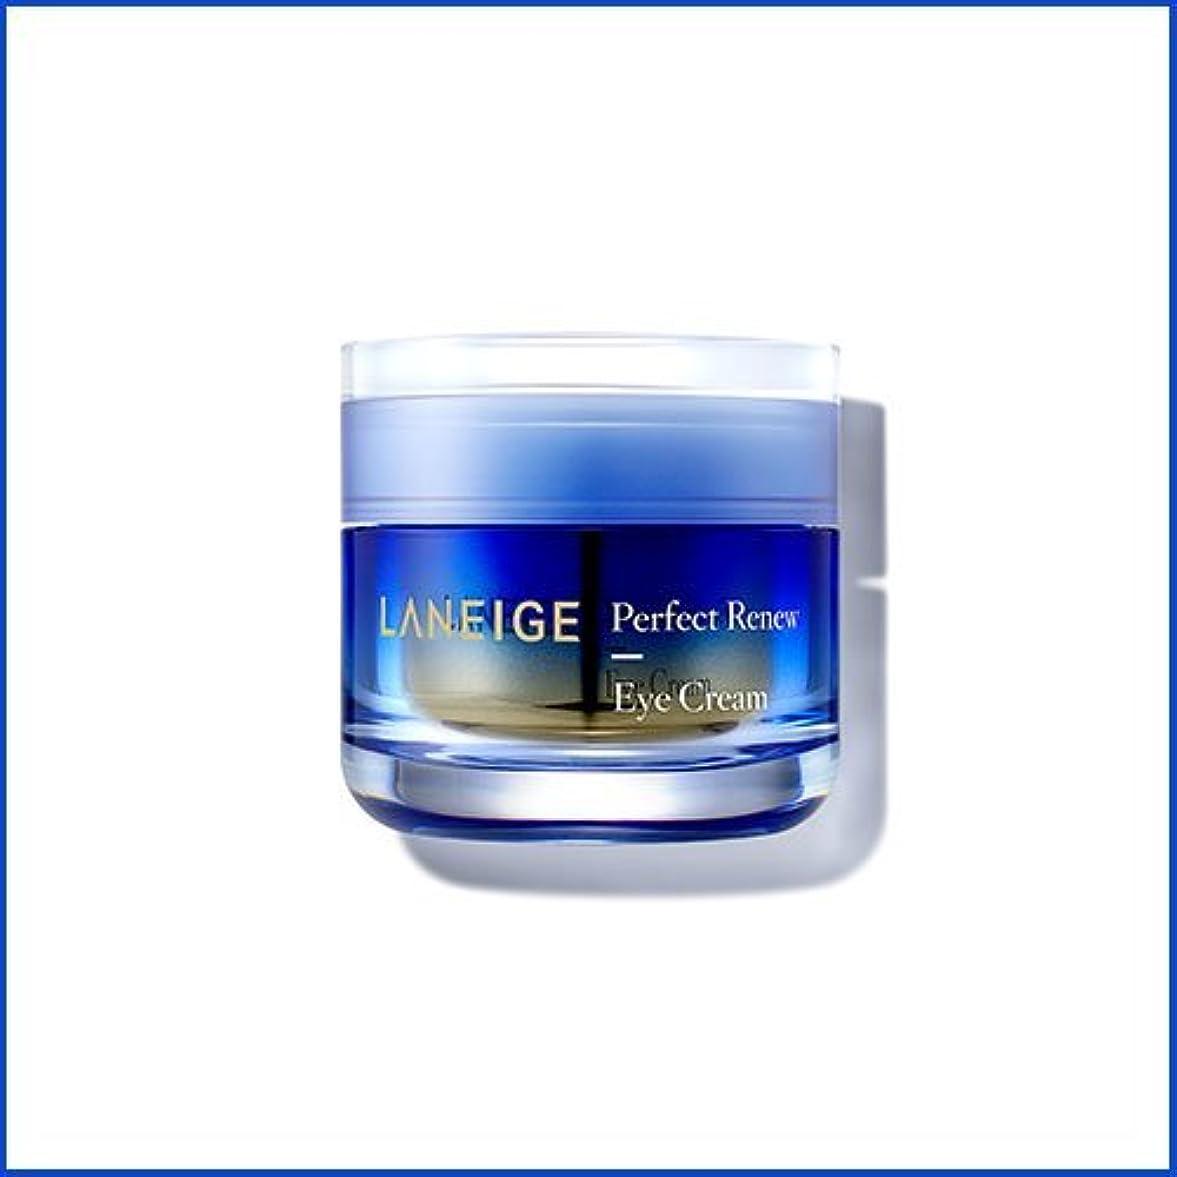 応じる個人的に週間【ラネージュ】【LANEIGE】【韓国コスメ】【アイクリーム 】 パーフェクト リニュー アイ クリーム 20ml Perfect Renew Eye Cream [並行輸入品]